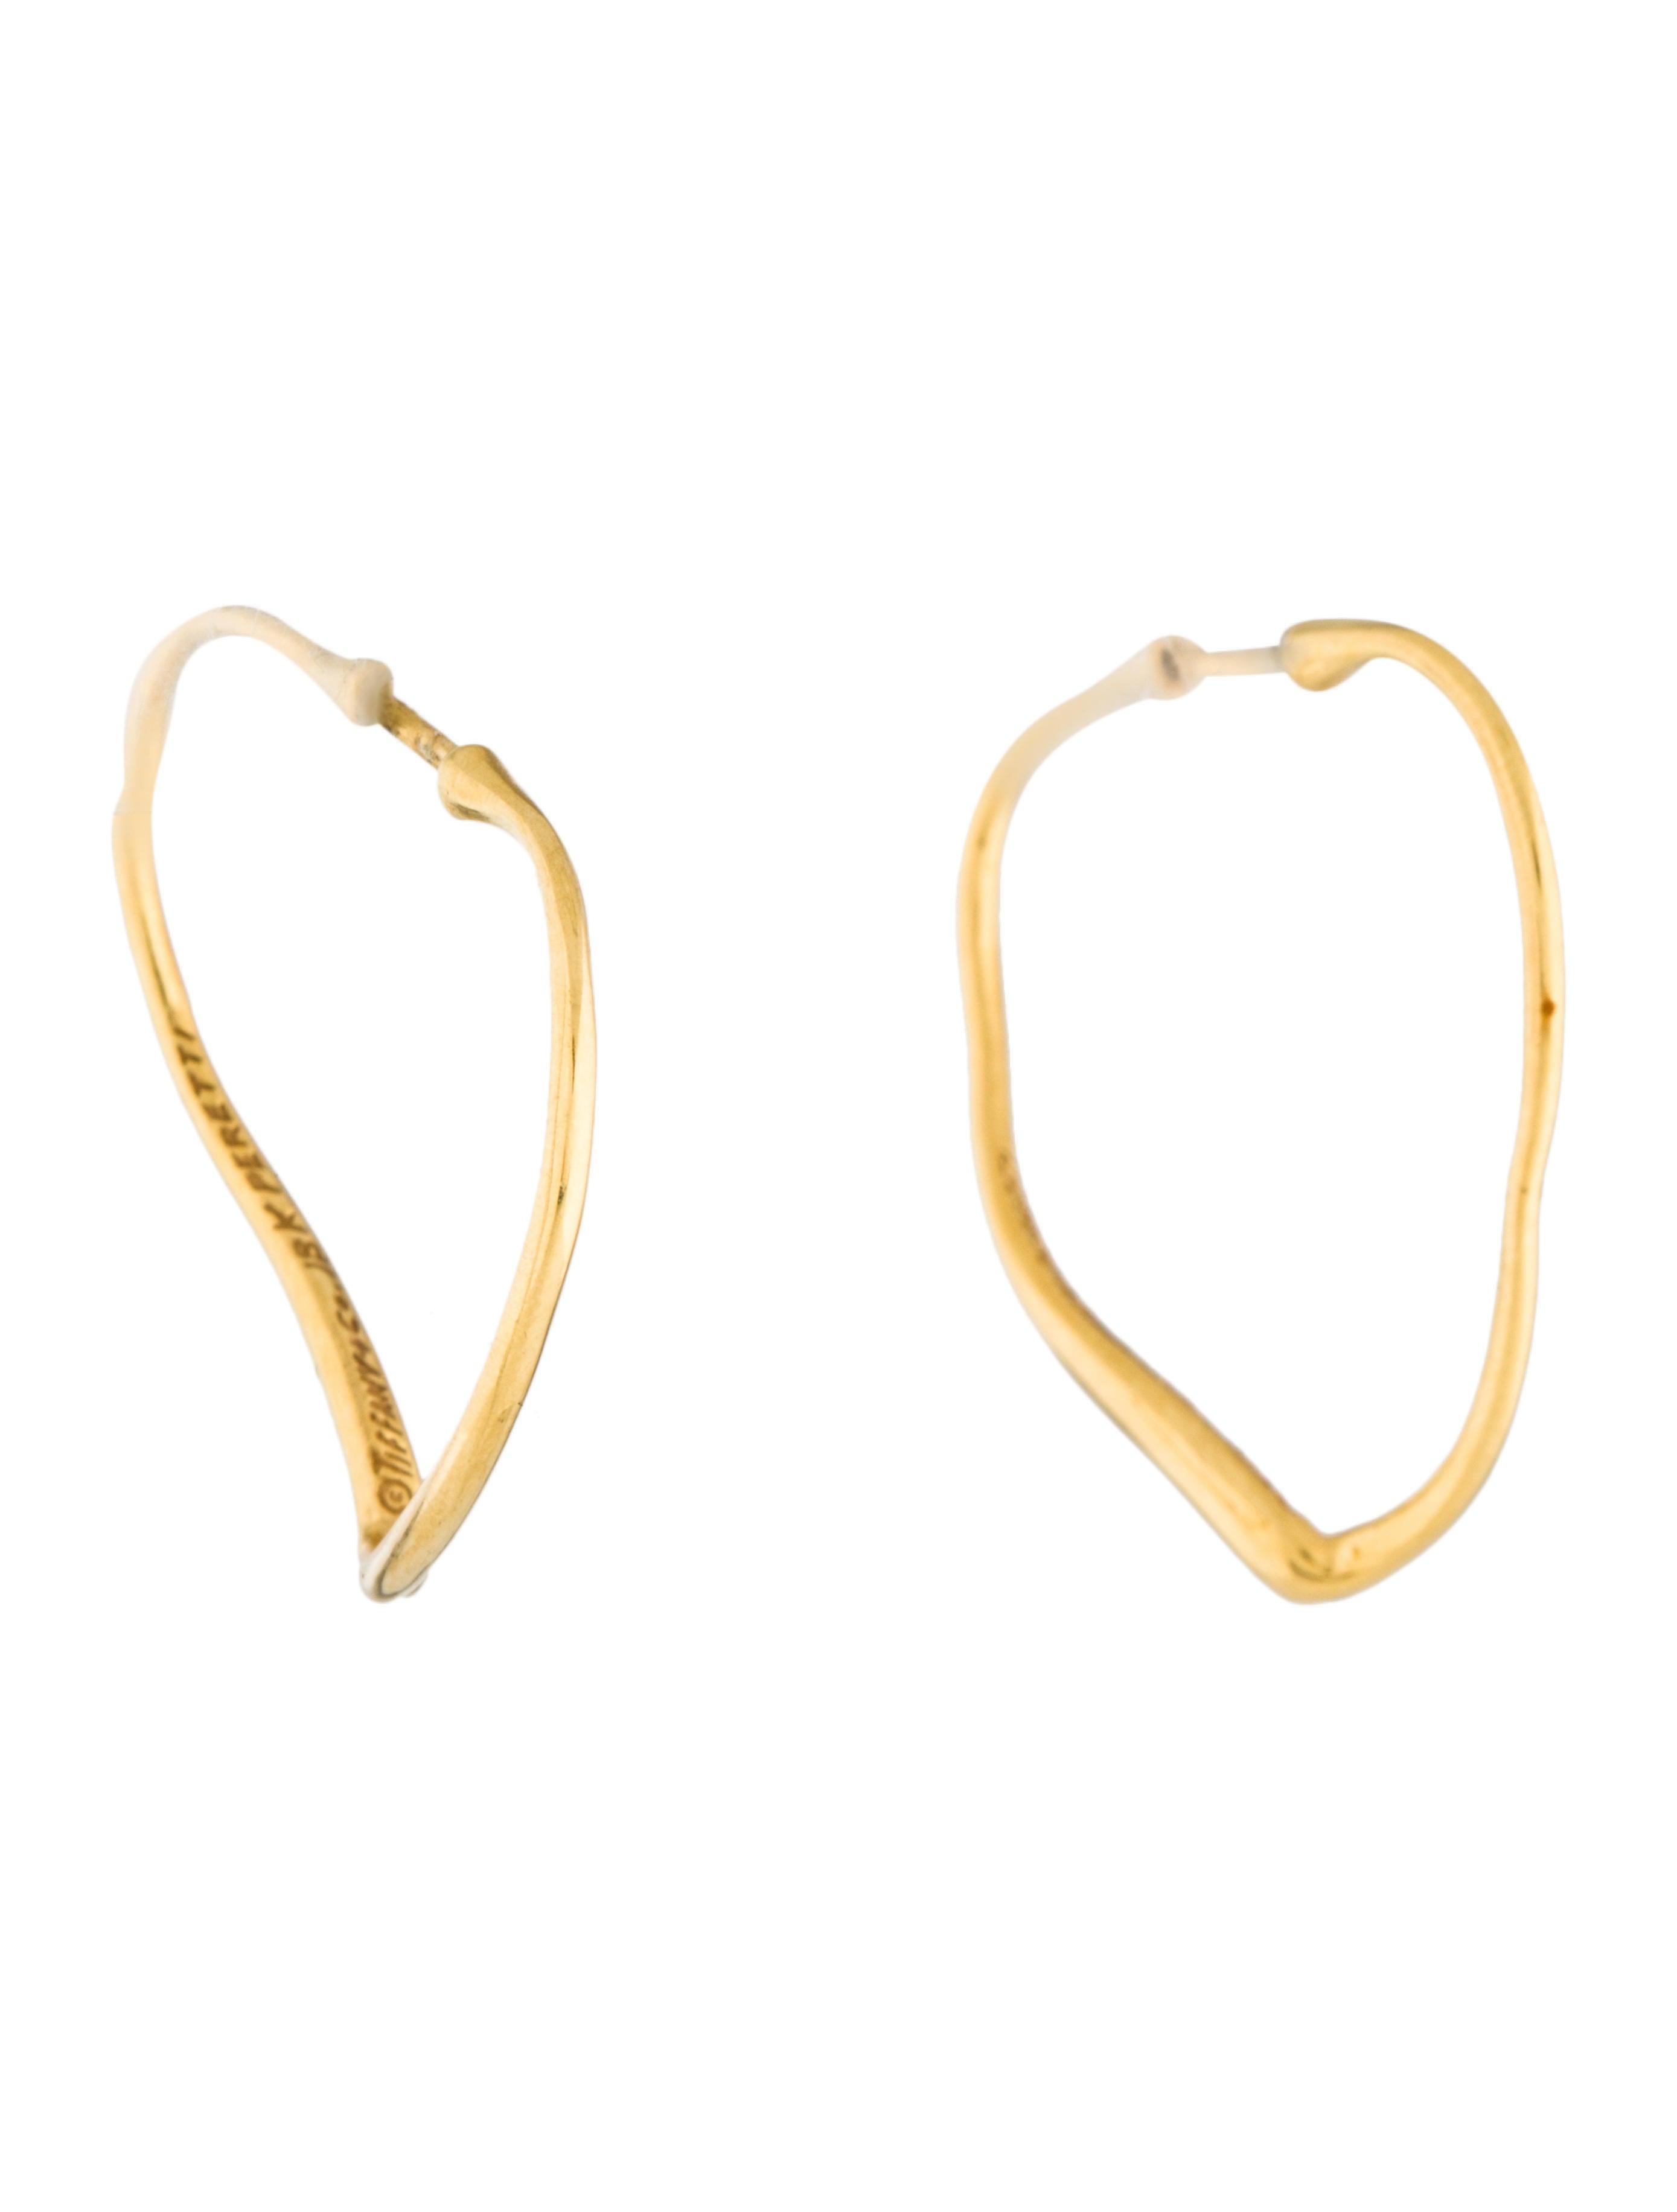 45c48003a Tiffany & Co. 18K Open Heart Hoop Earrings - Earrings - TIF83578 ...